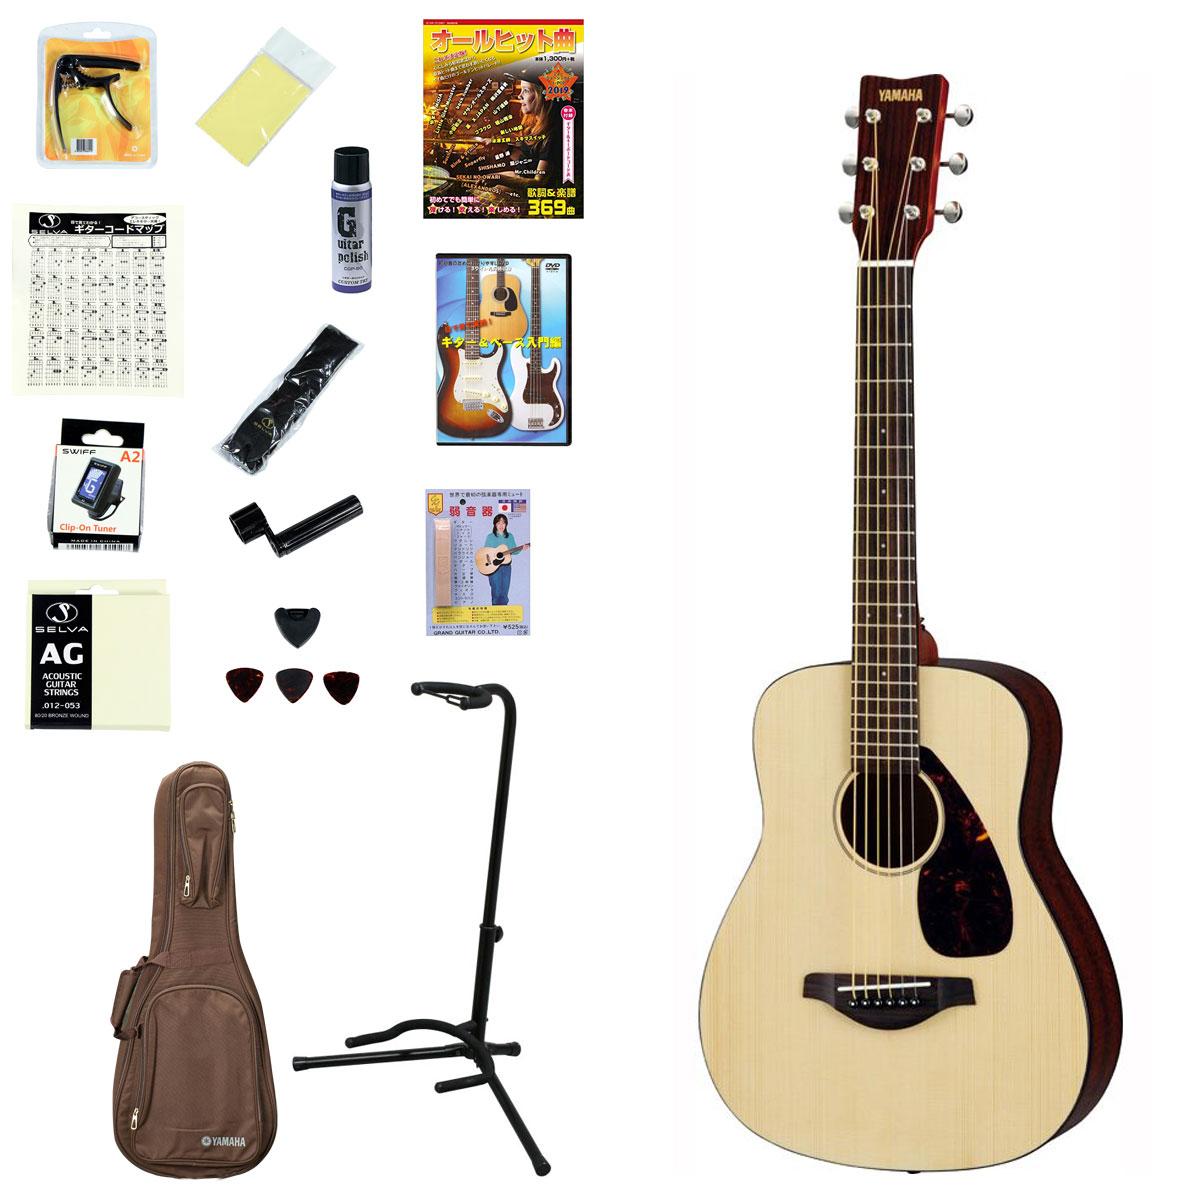 YAMAHA / JR2S NT(ナチュラル) 【オールヒット曲歌本17点入門セット】【楽譜が付いたお買い得セット】 ヤマハ アコースティックギター アコギ JR-2S【YRK】